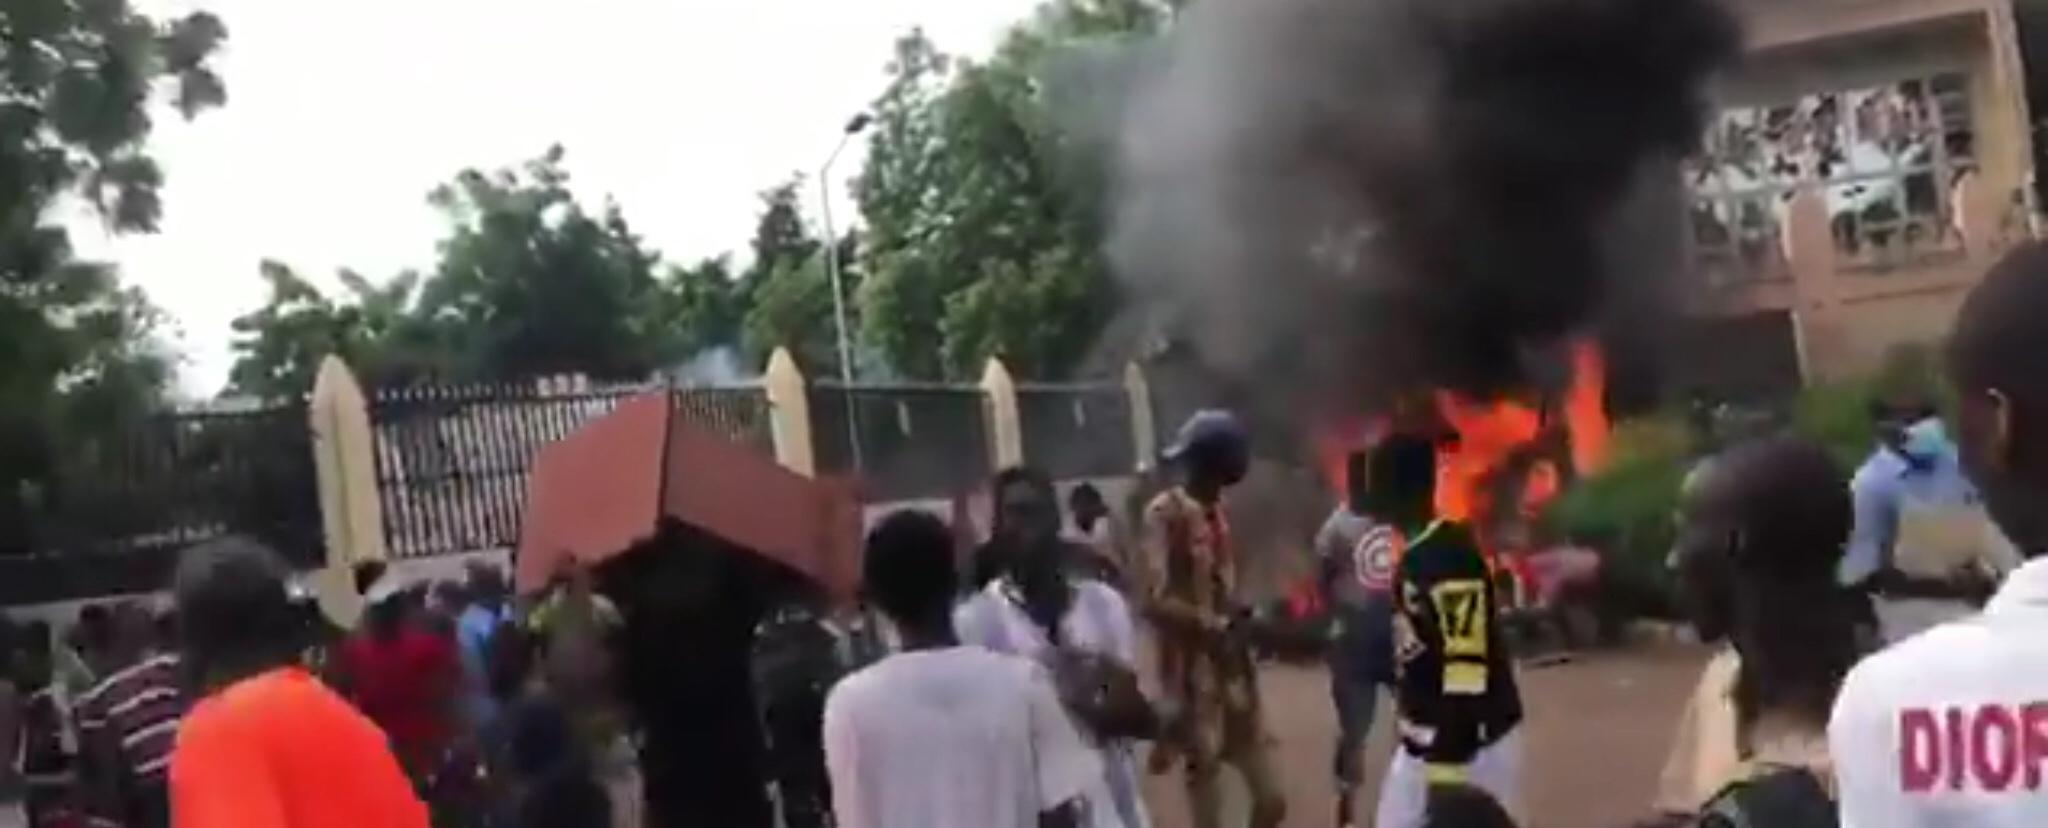 Mali protestors occupy state buildigs